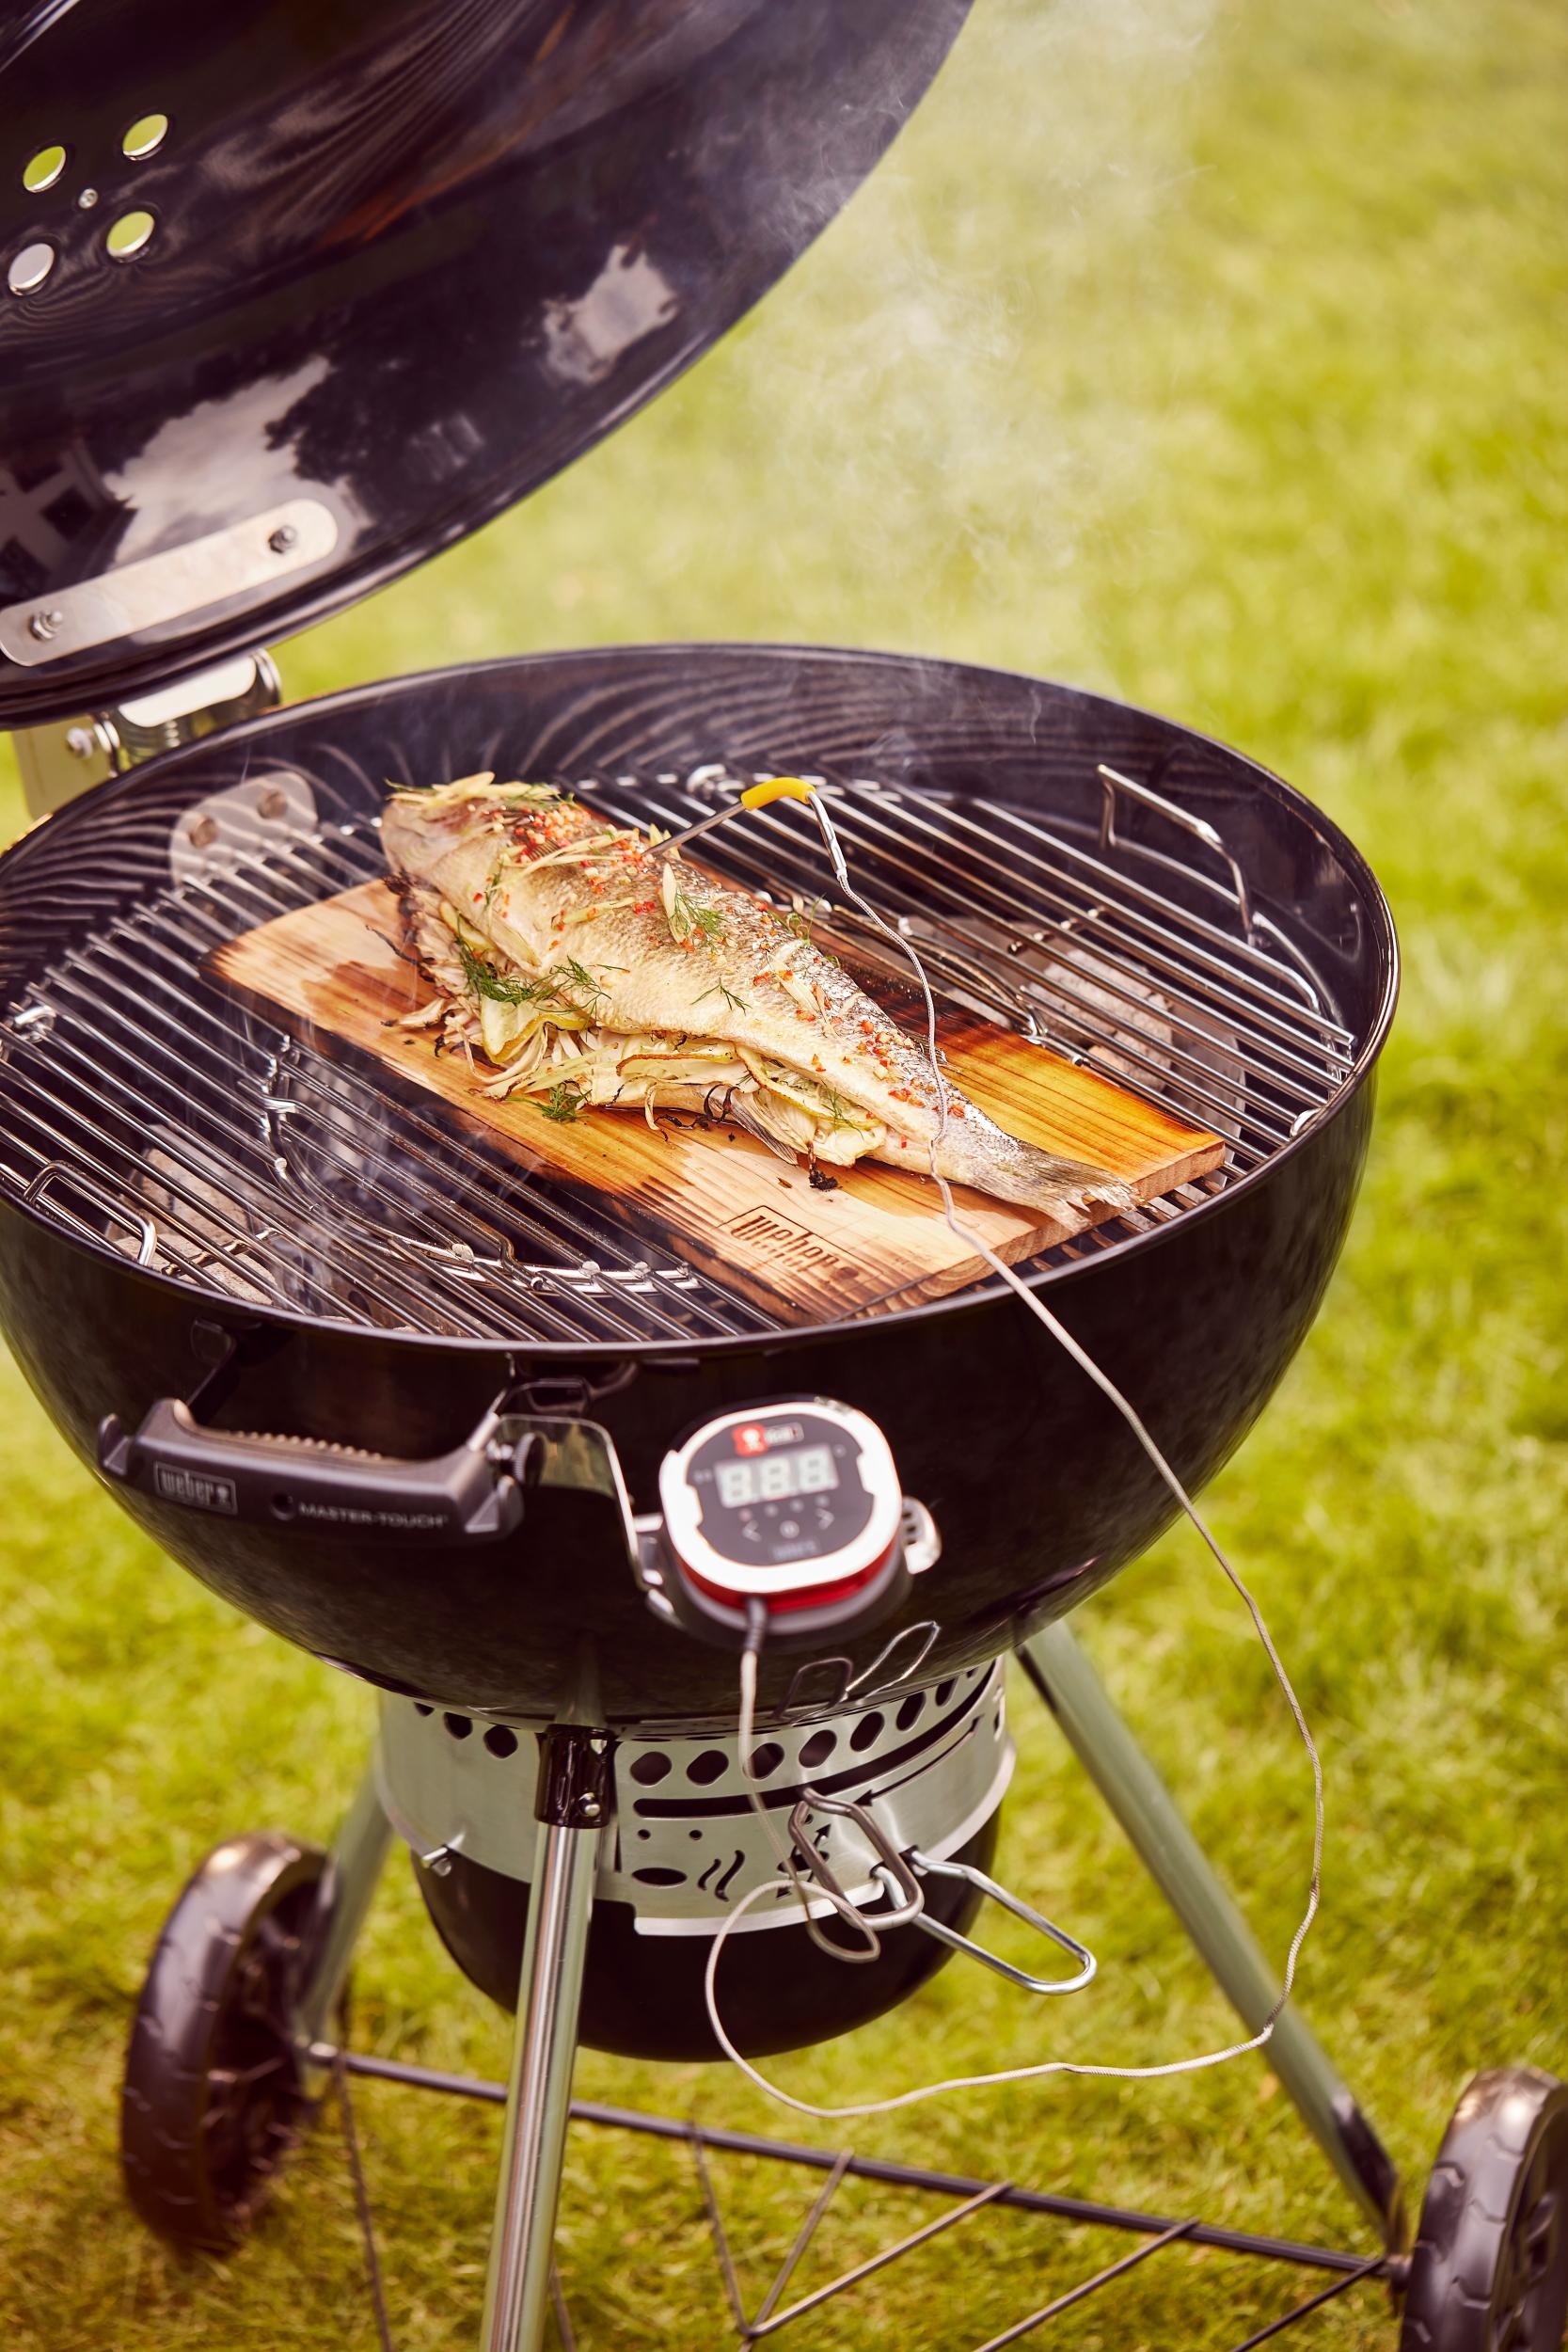 Dlaczego grillowane jedzenie smakuje lepiej